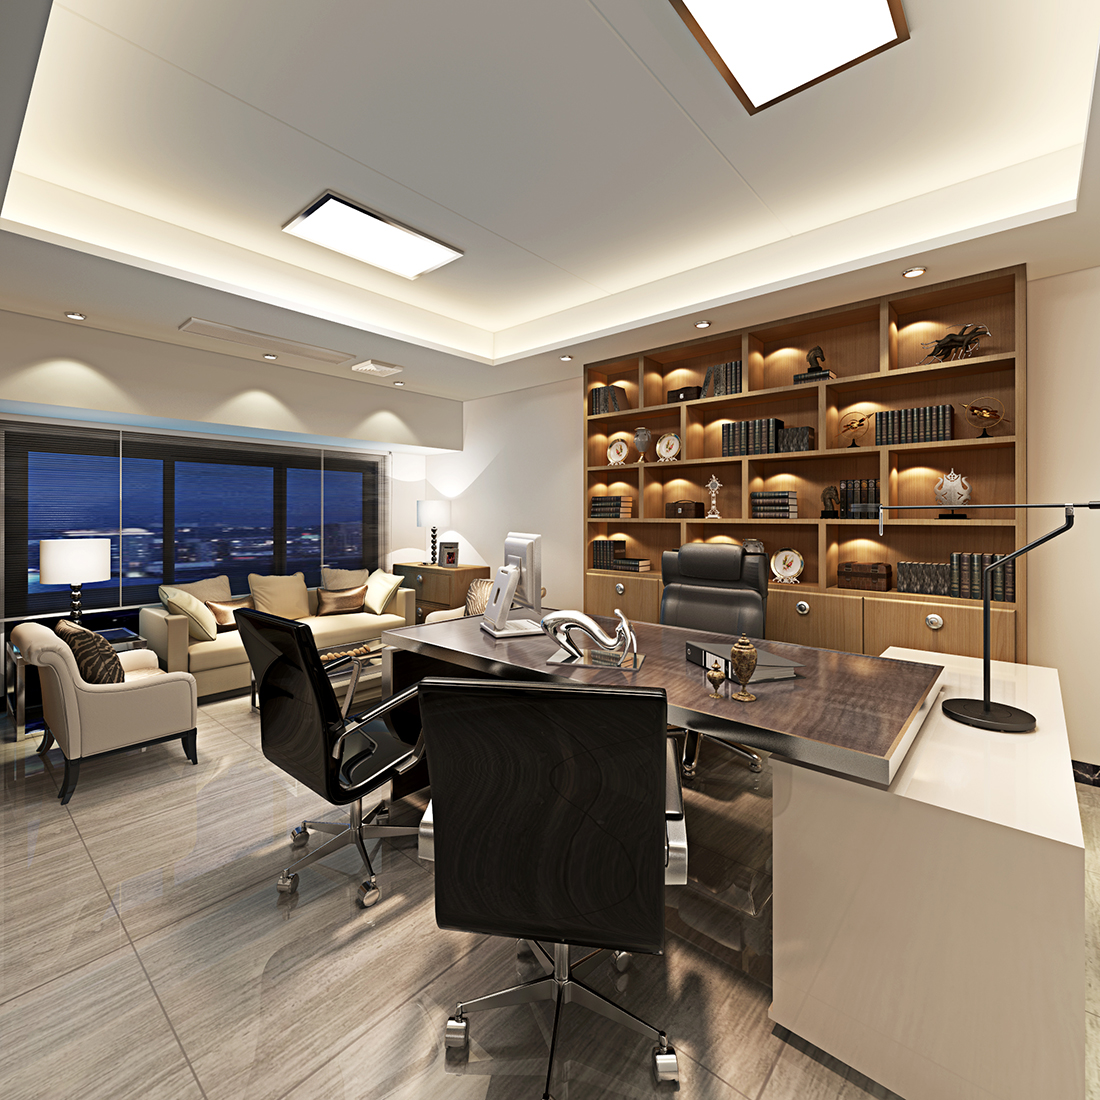 办公空间 - 办公空间 - 拓者设计吧|家装效果图联盟图片